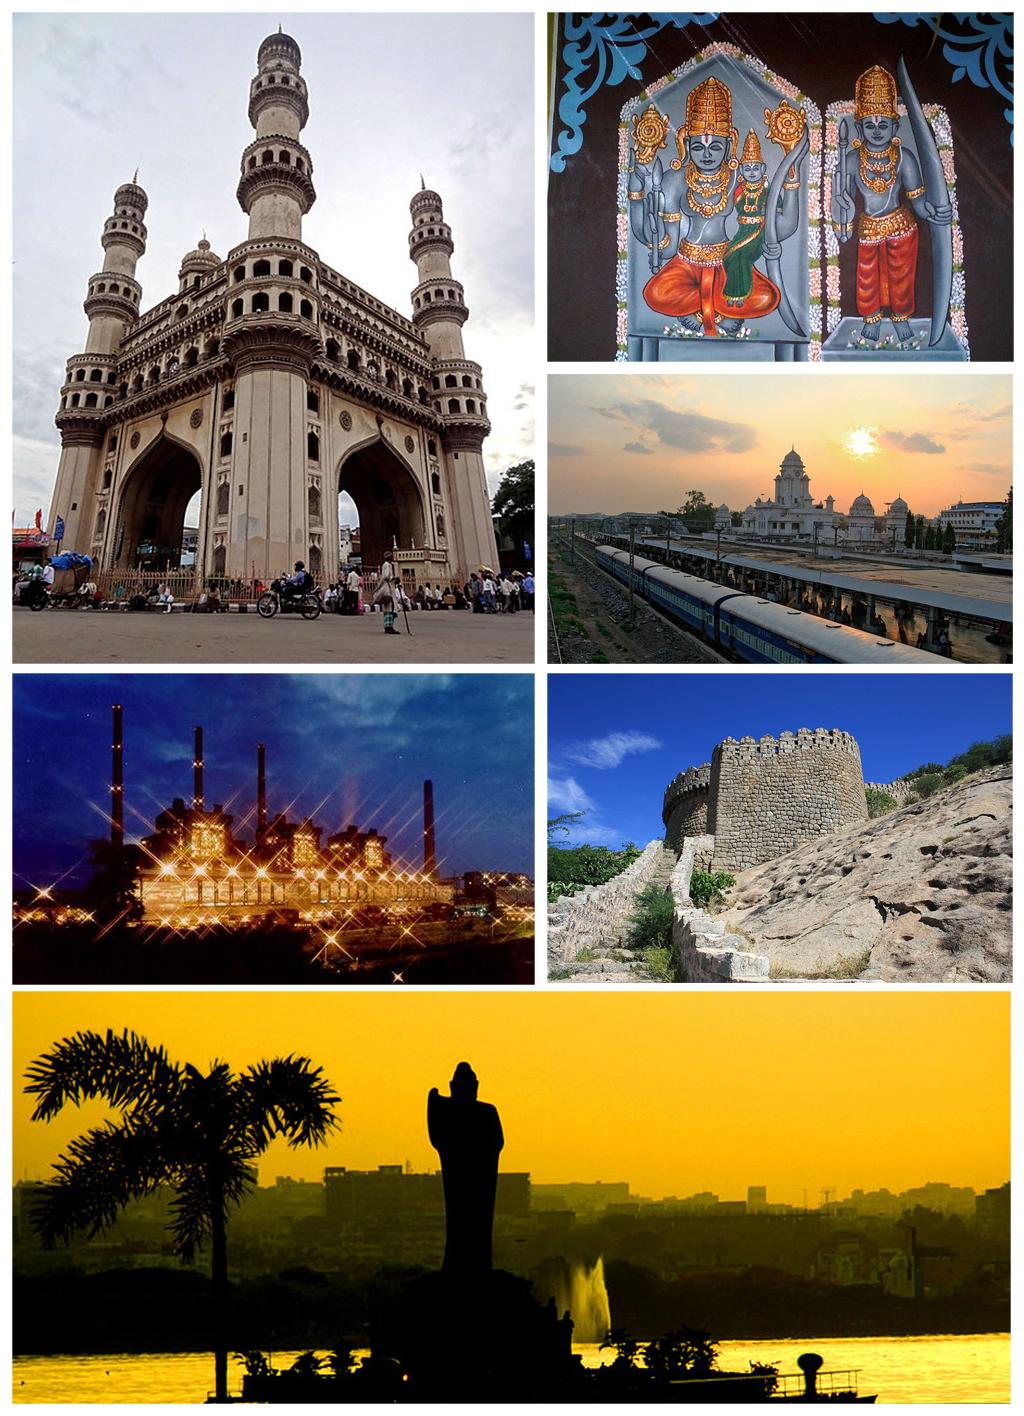 Telangana_montage1